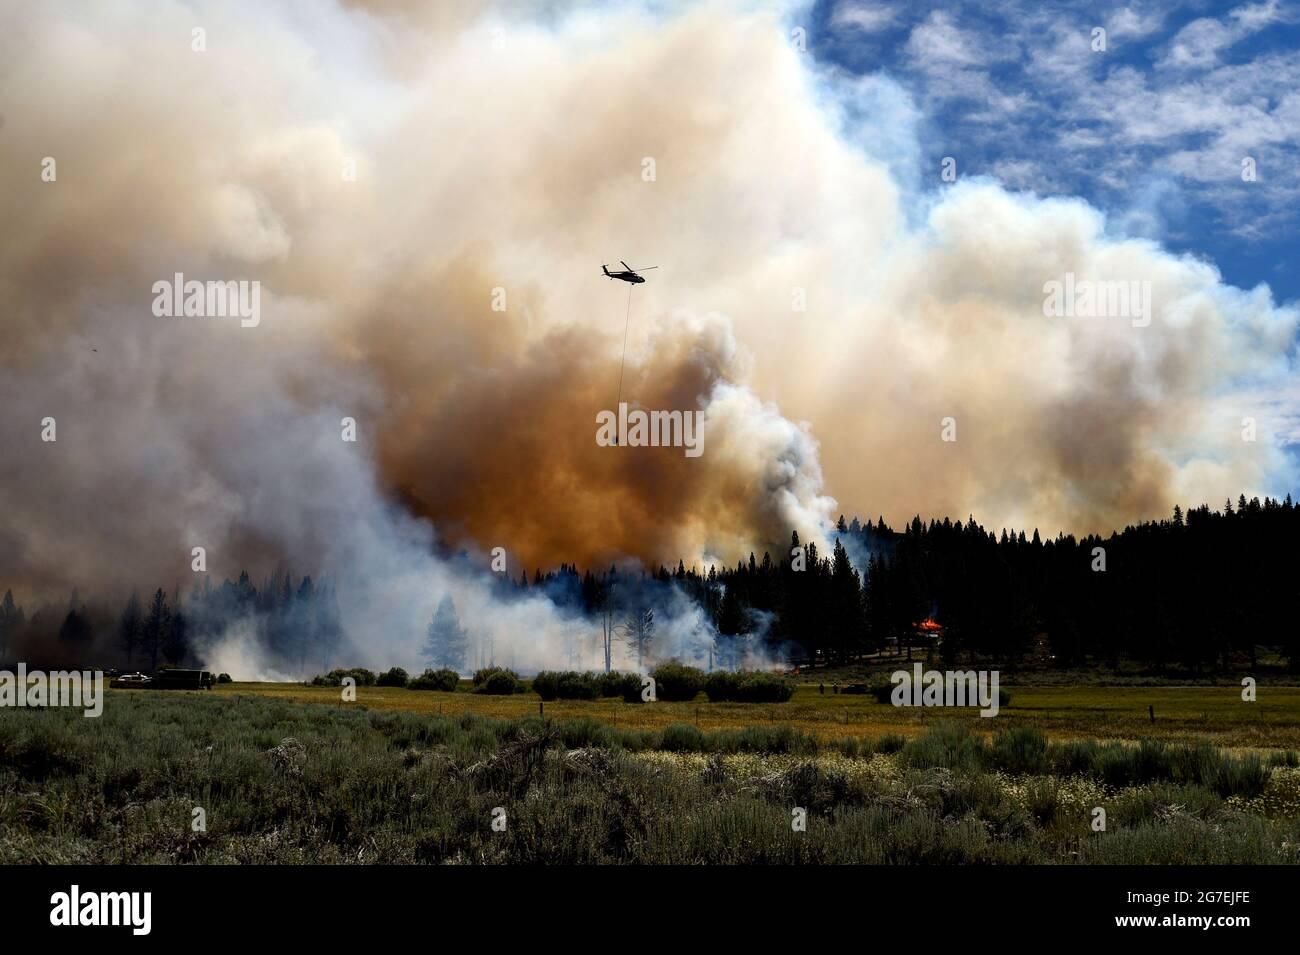 Doyle, Kalifornien, USA. Juli 2021. Doyle, CA - die nordöstliche Flanke des Sugar Fire zeigte am Montag weiterhin ein aktives Brandverhalten, allerdings konnten Feuerwehrleute die Eindämmung bis zum späten Nachmittag auf 26 % erhöhen. Das Feuer liegt derzeit auf 91,200 Acres. Quelle: Neal Waters/ZUMA Wire/Alamy Live News Stockfoto